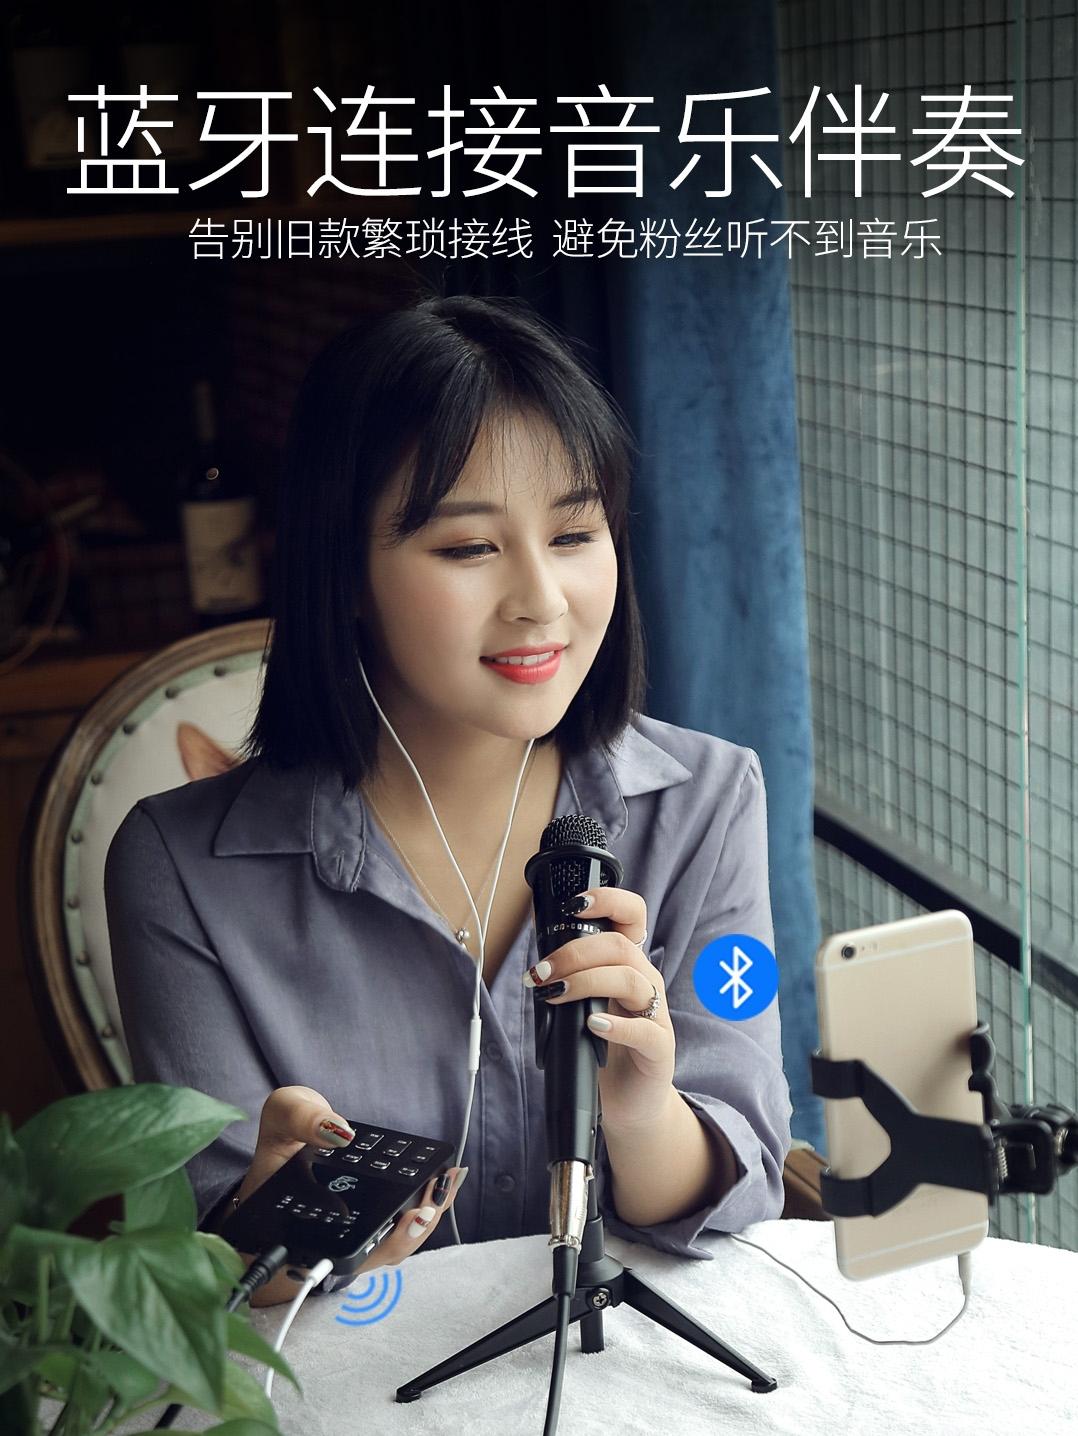 蔡琴 F10主播外置声卡套装手机喊电容麦克风 电脑台式快手抖音户外直播唱歌设备全套